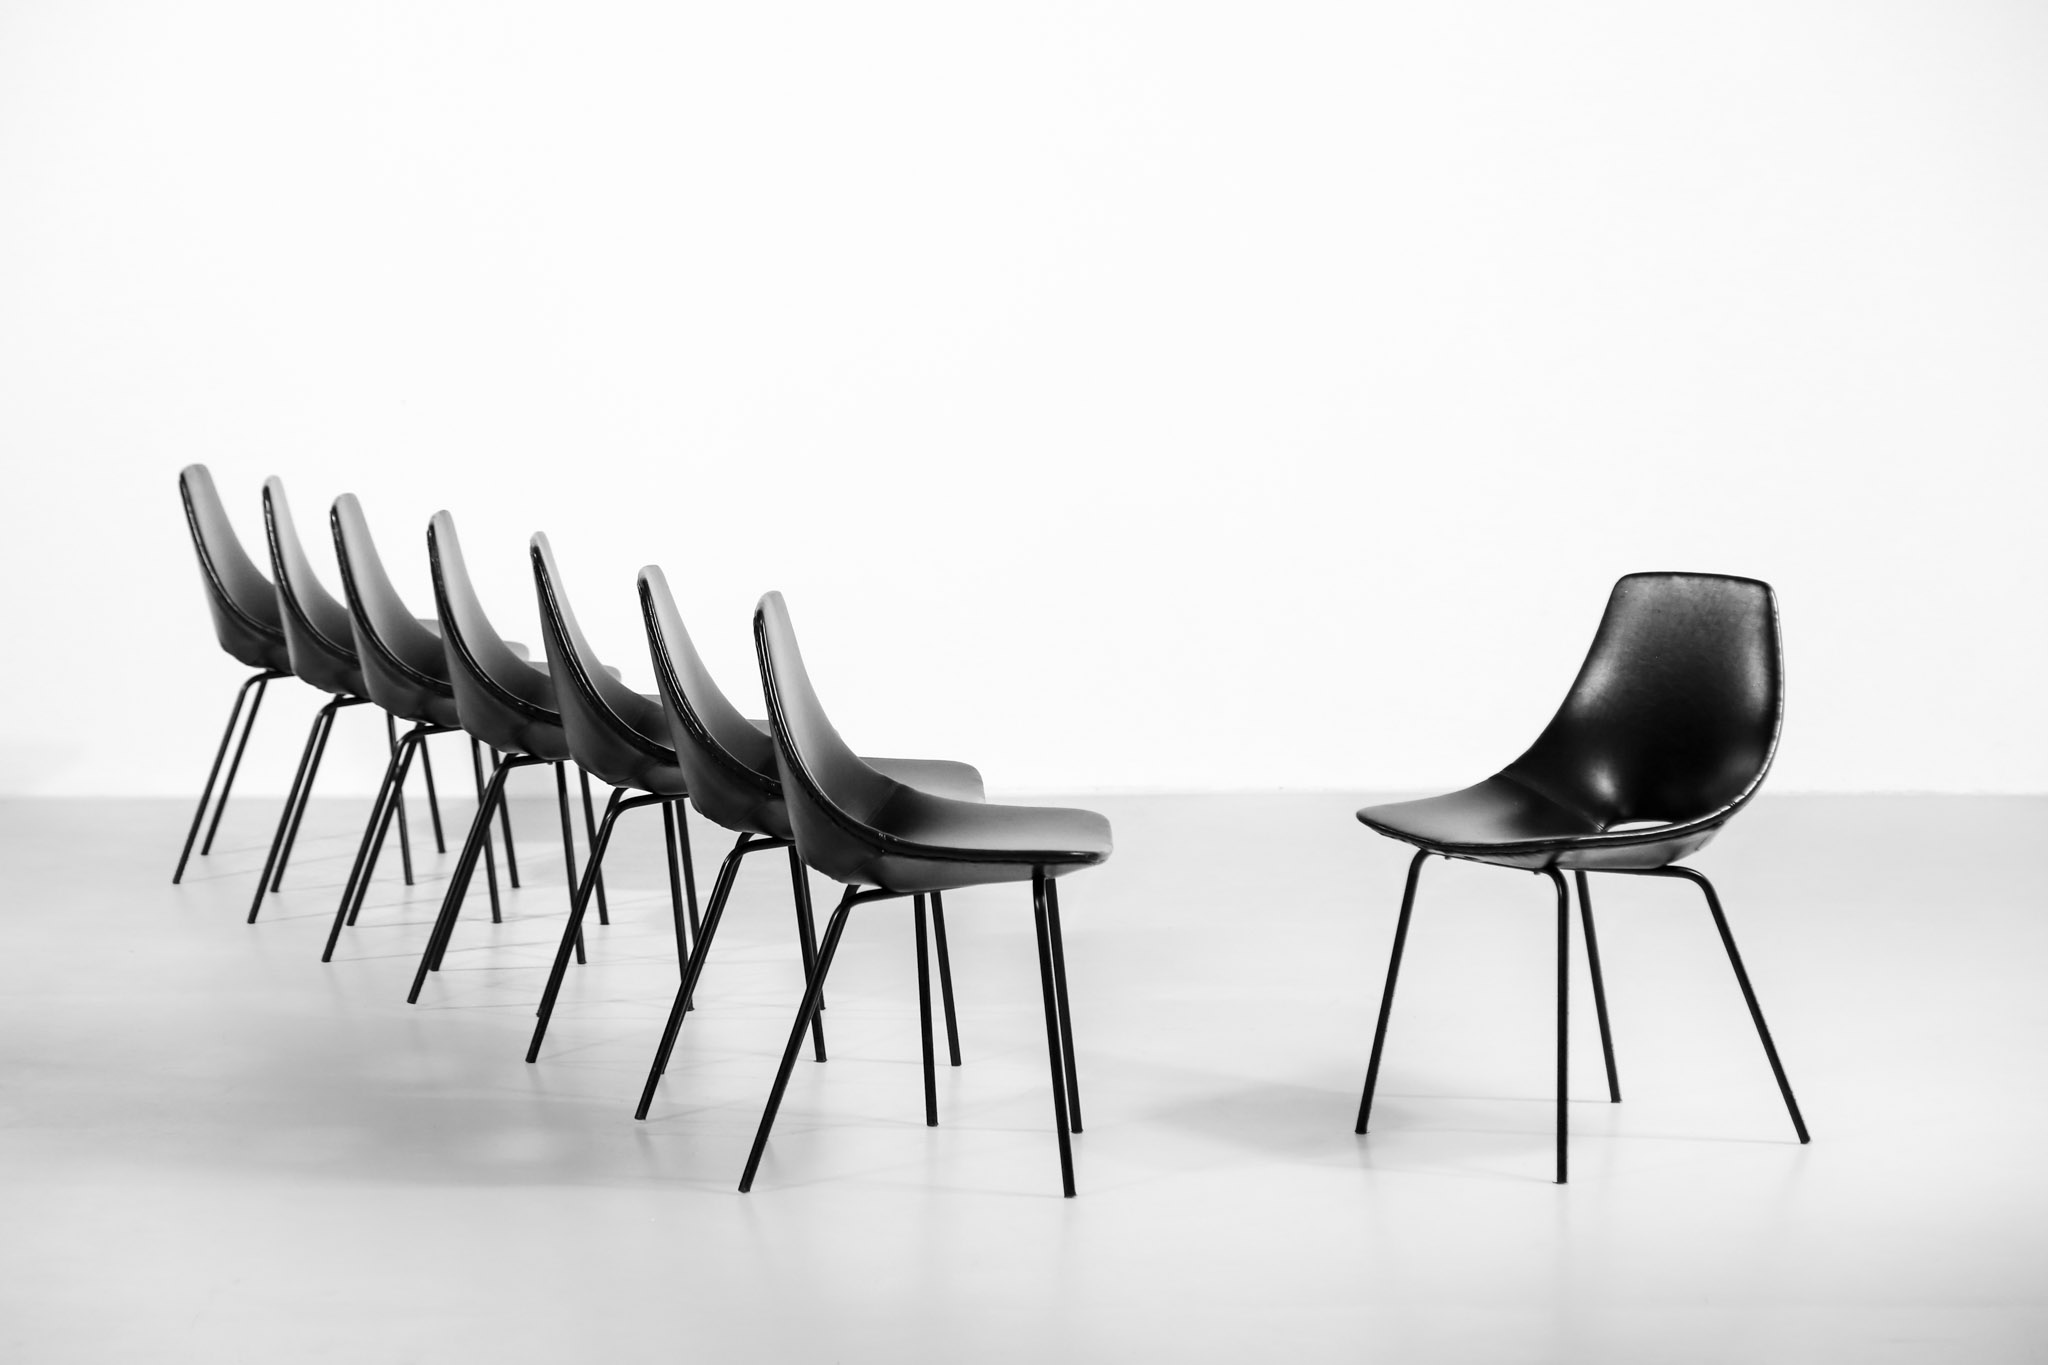 tonneau chairs by pierre guariche 16